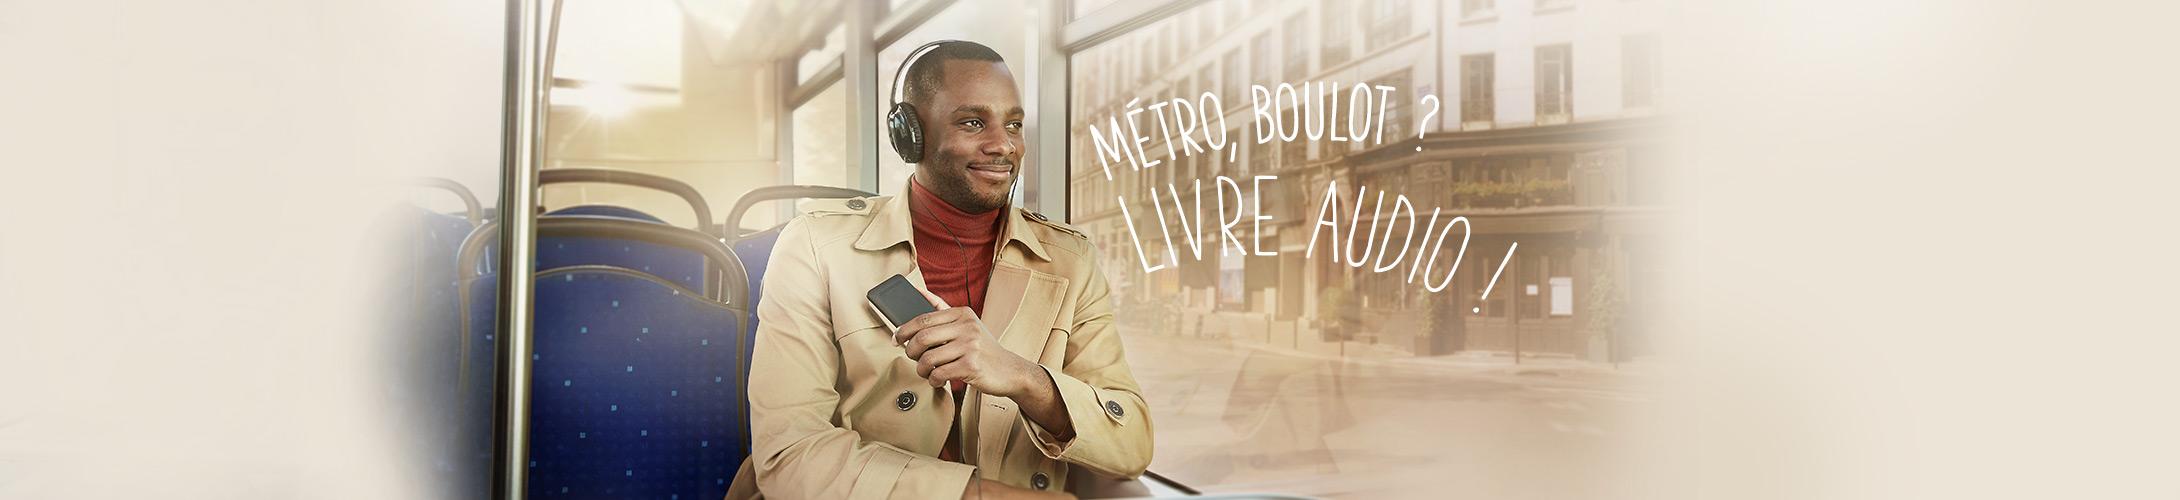 Métro, Boulot ? Livre Audio !